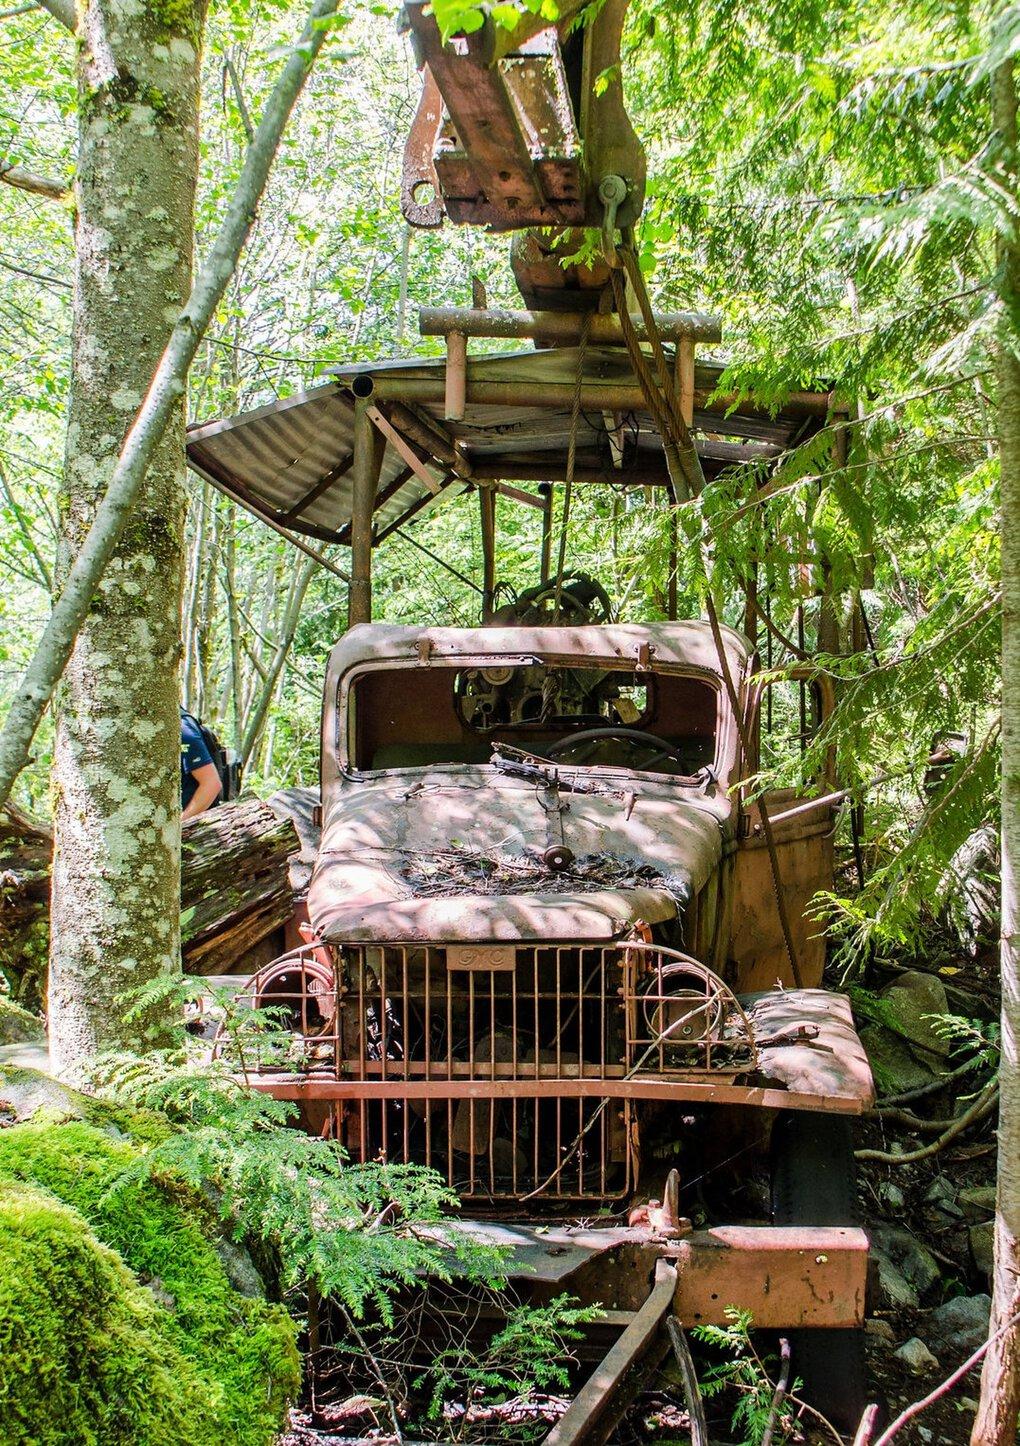 Dirty Harry's Peak porte le nom de Harry Gault, qui dirigeait autrefois une entreprise forestière dans cette région de montagne près du col de Snoqualmie.  Cela demande un certain effort, mais vous pouvez rendre visite à son vieux camion rouillé.  (Nathan Barnes)